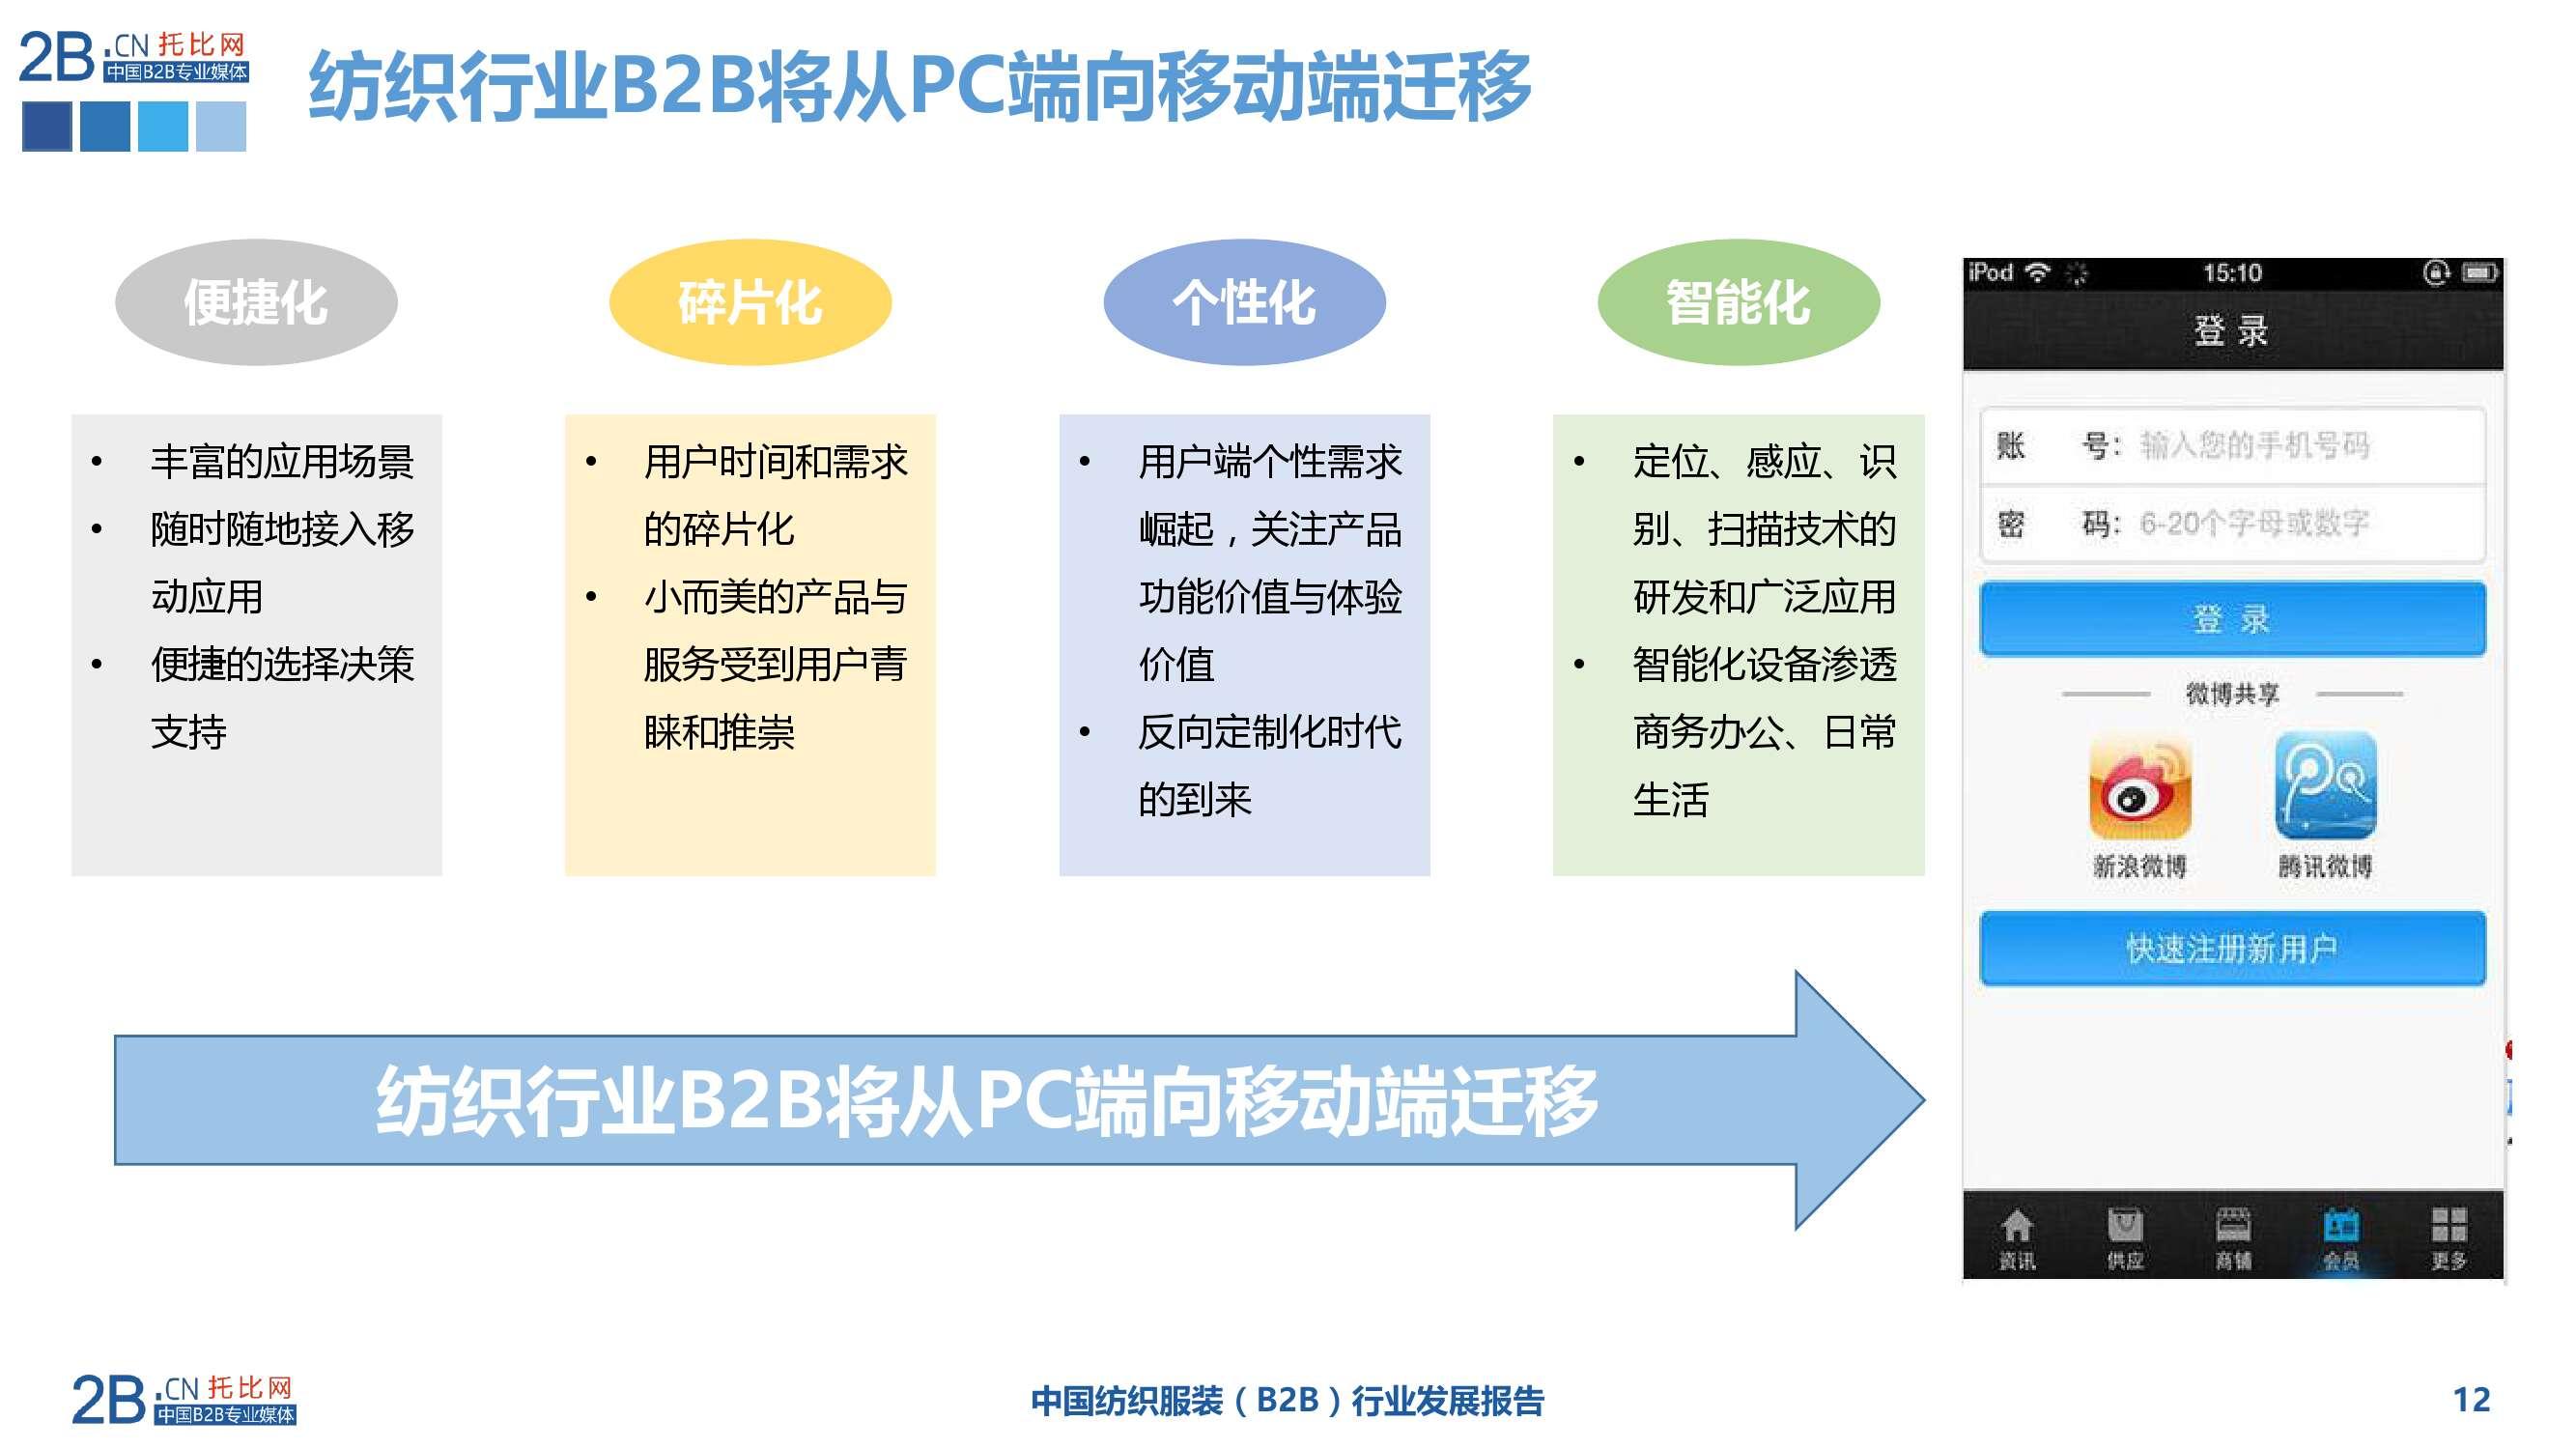 2015年中国纺织服装B2B行业发展报告_000012